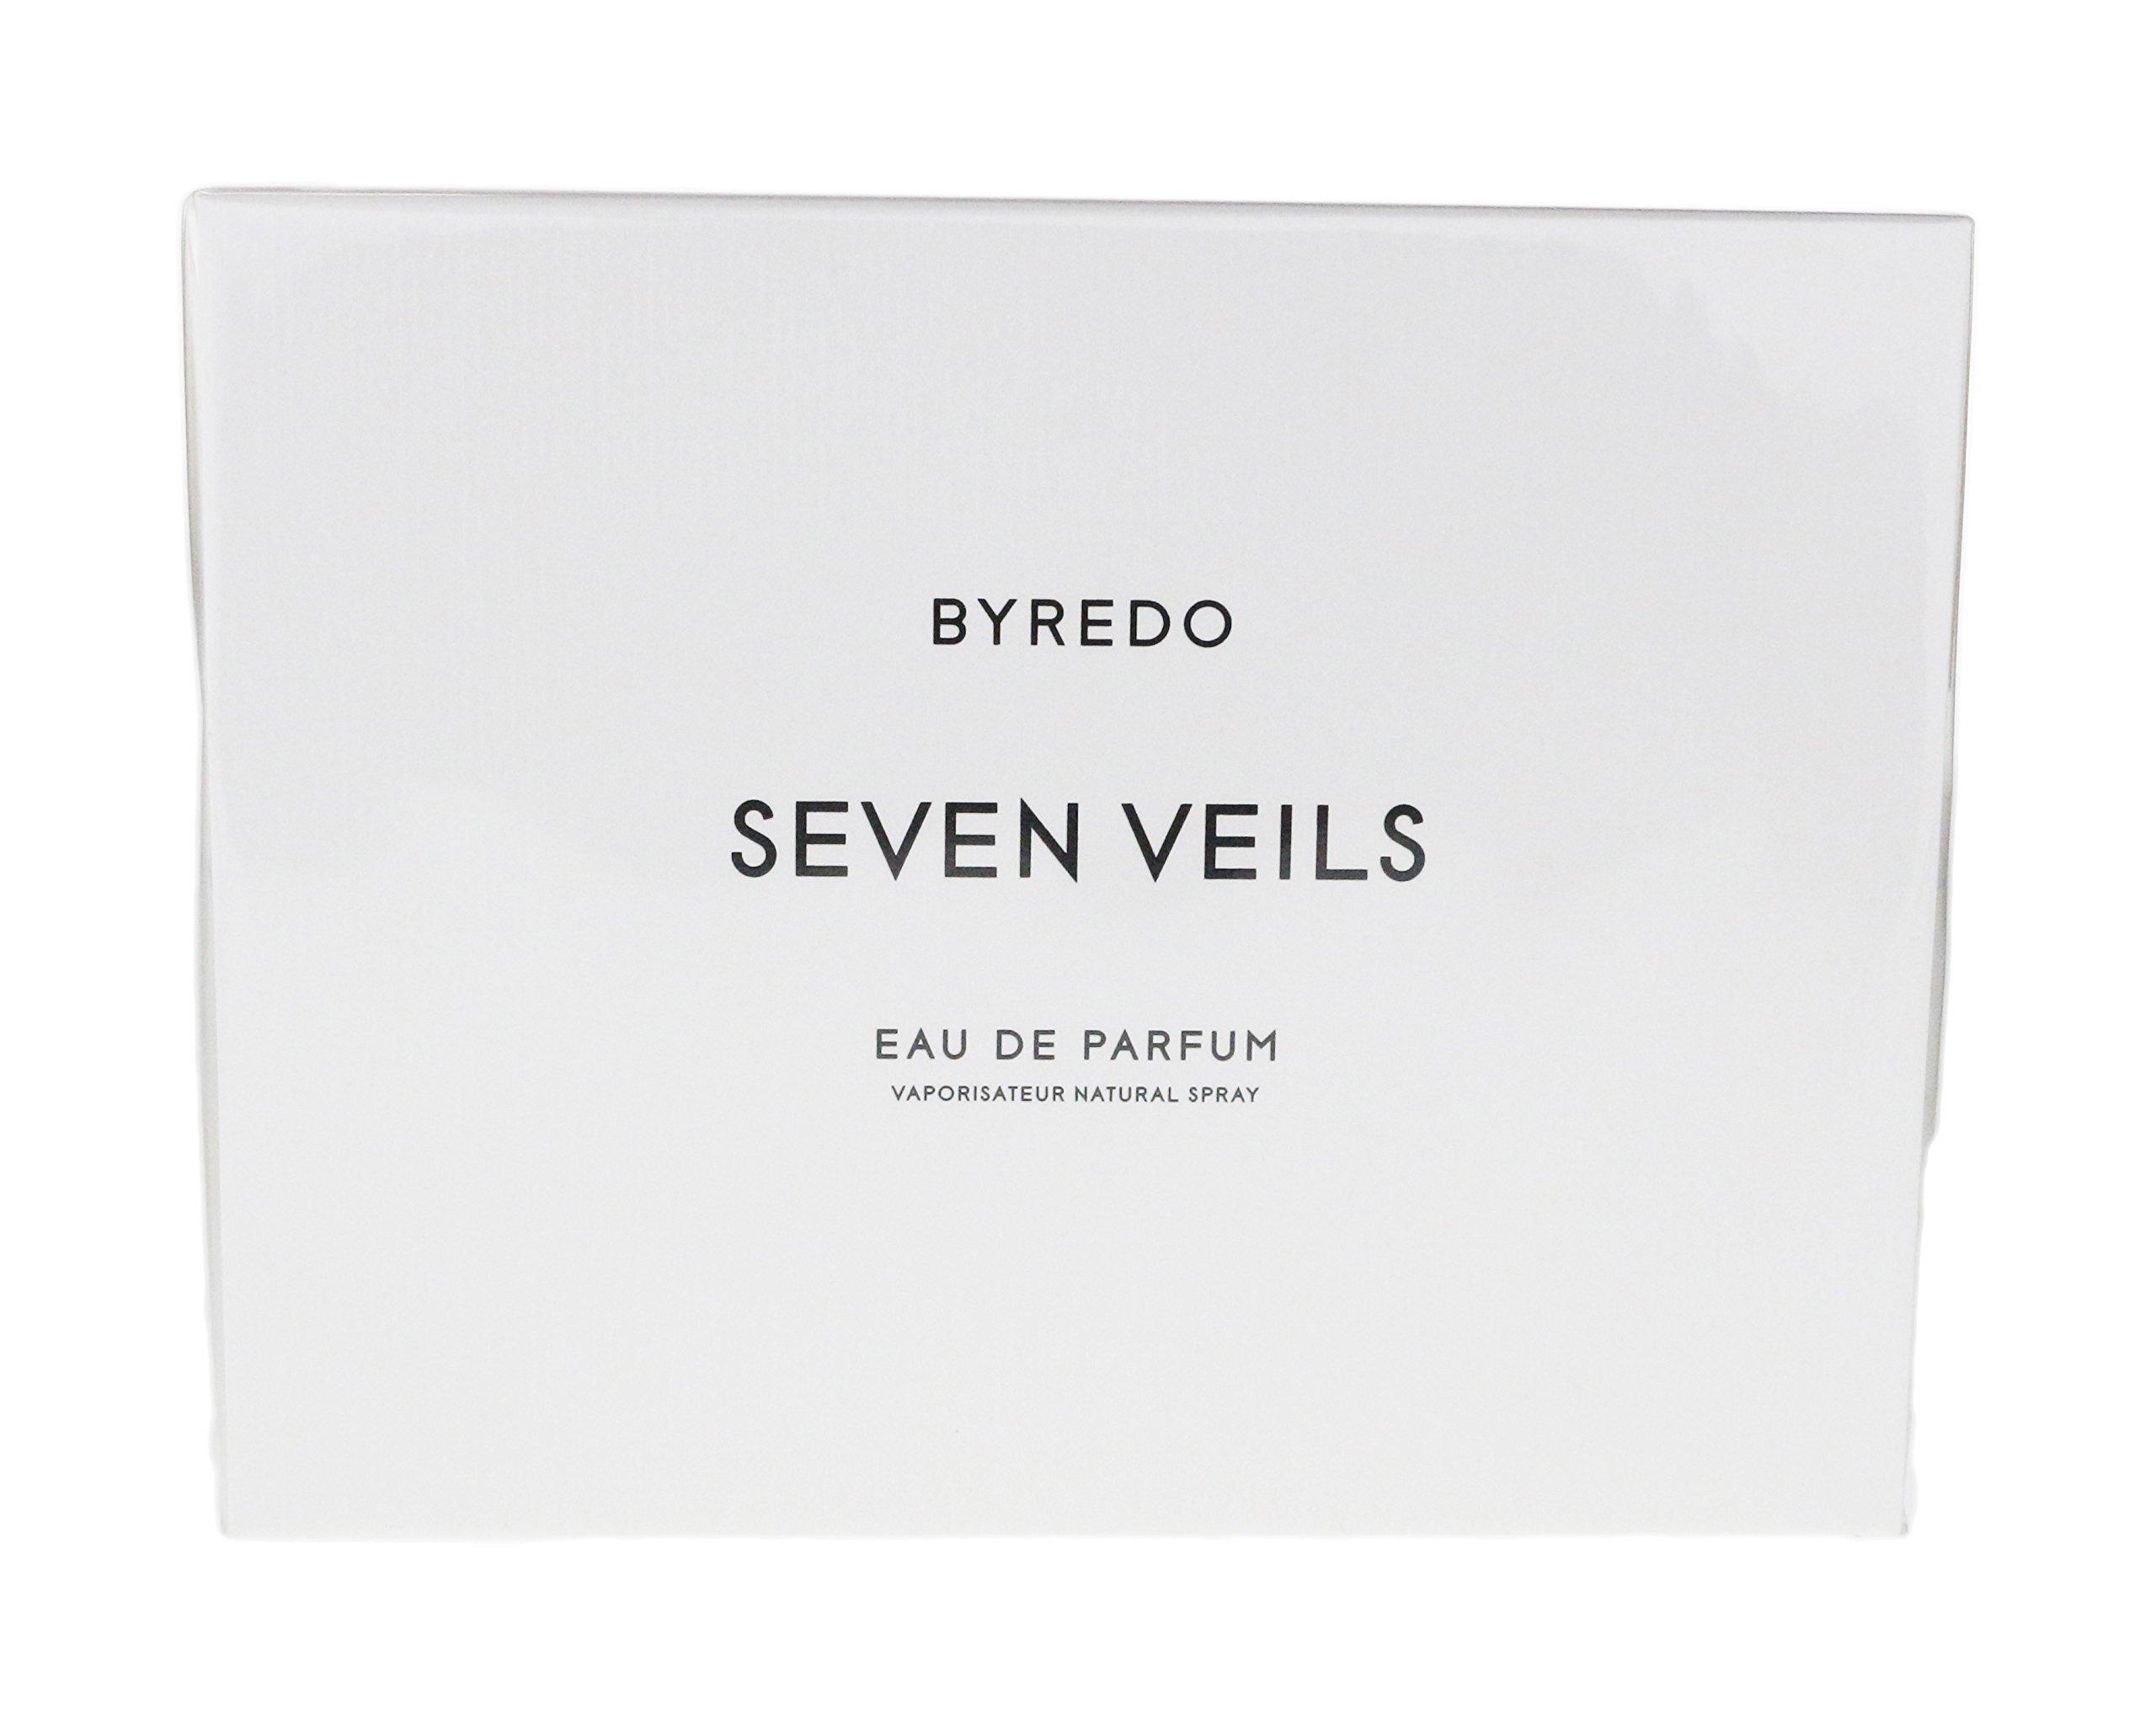 Byredo Seven Veils 3.3 oz Eau de Parfum Spray